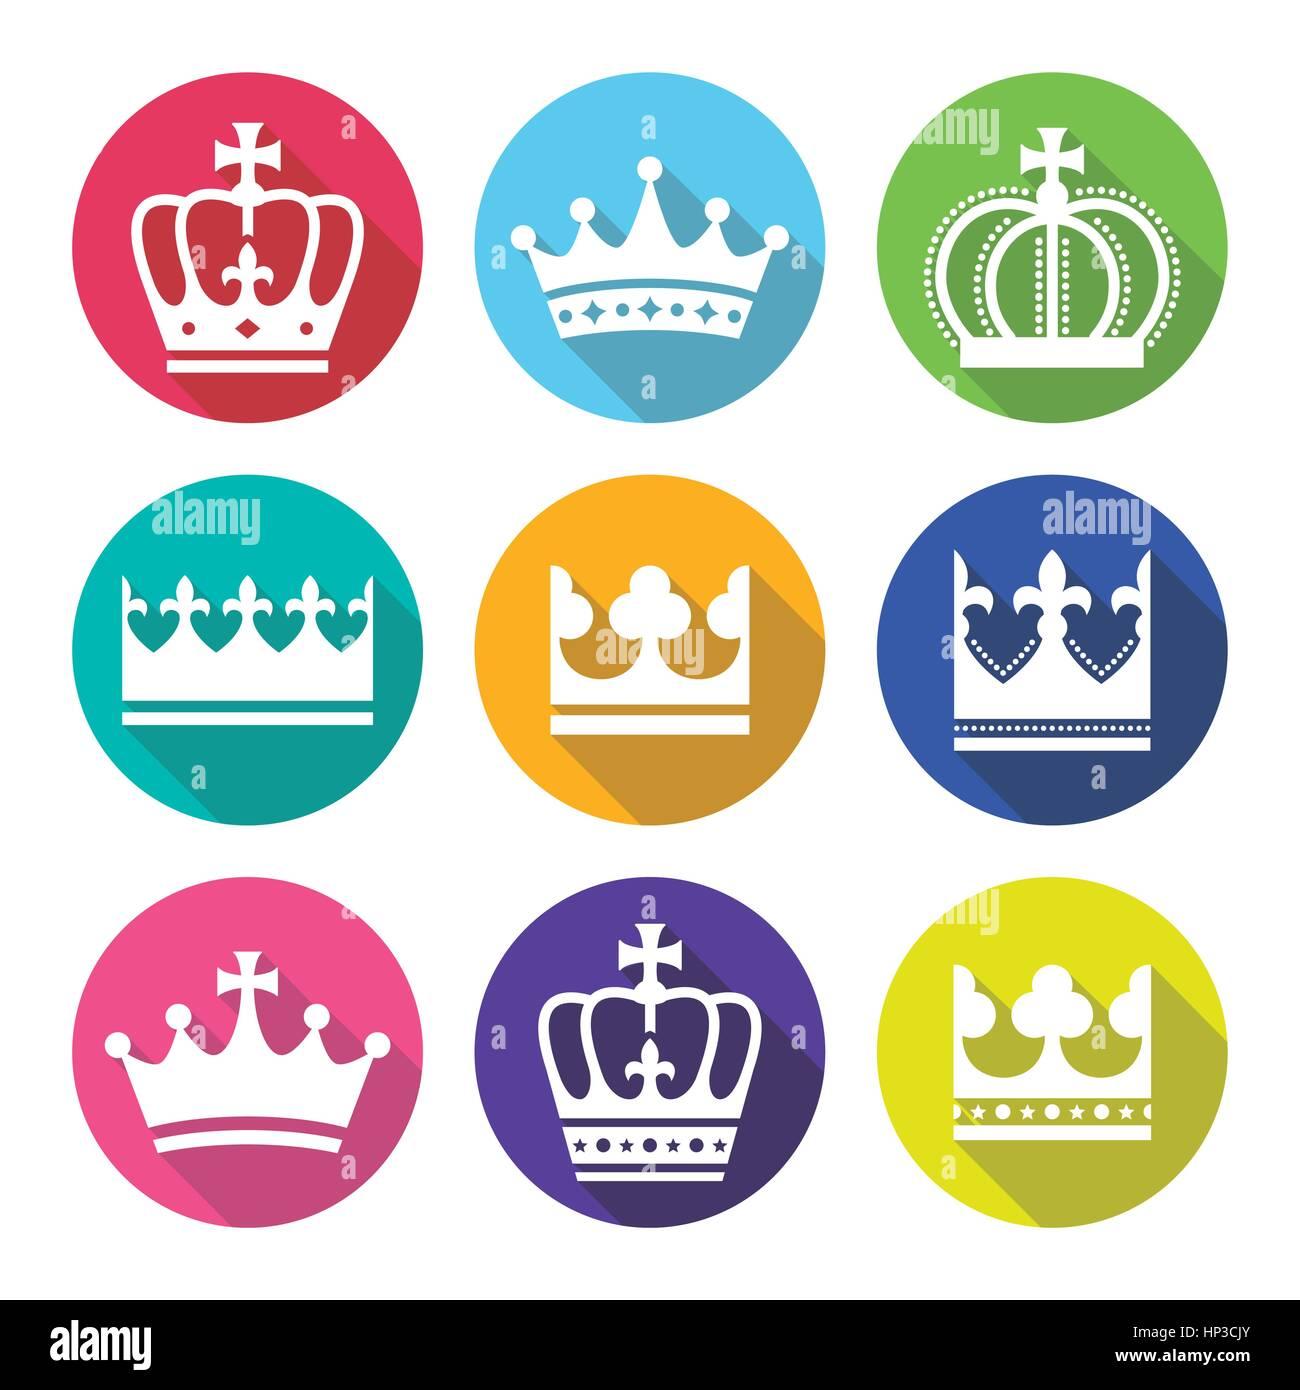 Krone, set königlichen Familie flache Design-Ikonen. König, Königin Krone Vektor-modernes flaches Design Icons Set Stock Vektor